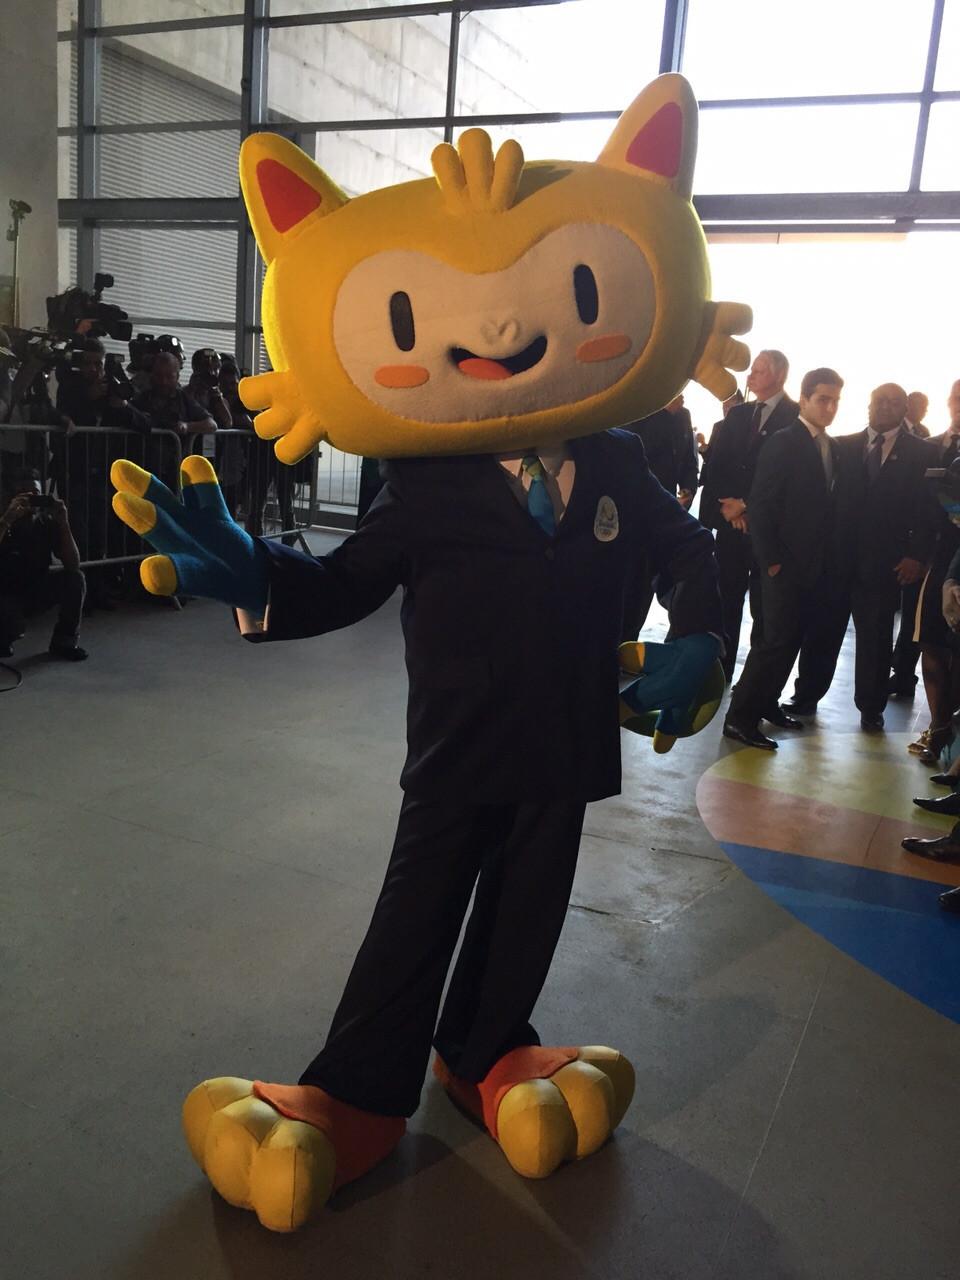 O mascote Vinícius, das próximas Olimpíadas, vestido com roupa de gala para a festa que marcou 1 ano para o início dos jogos olímpicos do Brasil. Foto: Adriana Machado/Blog do Planalto